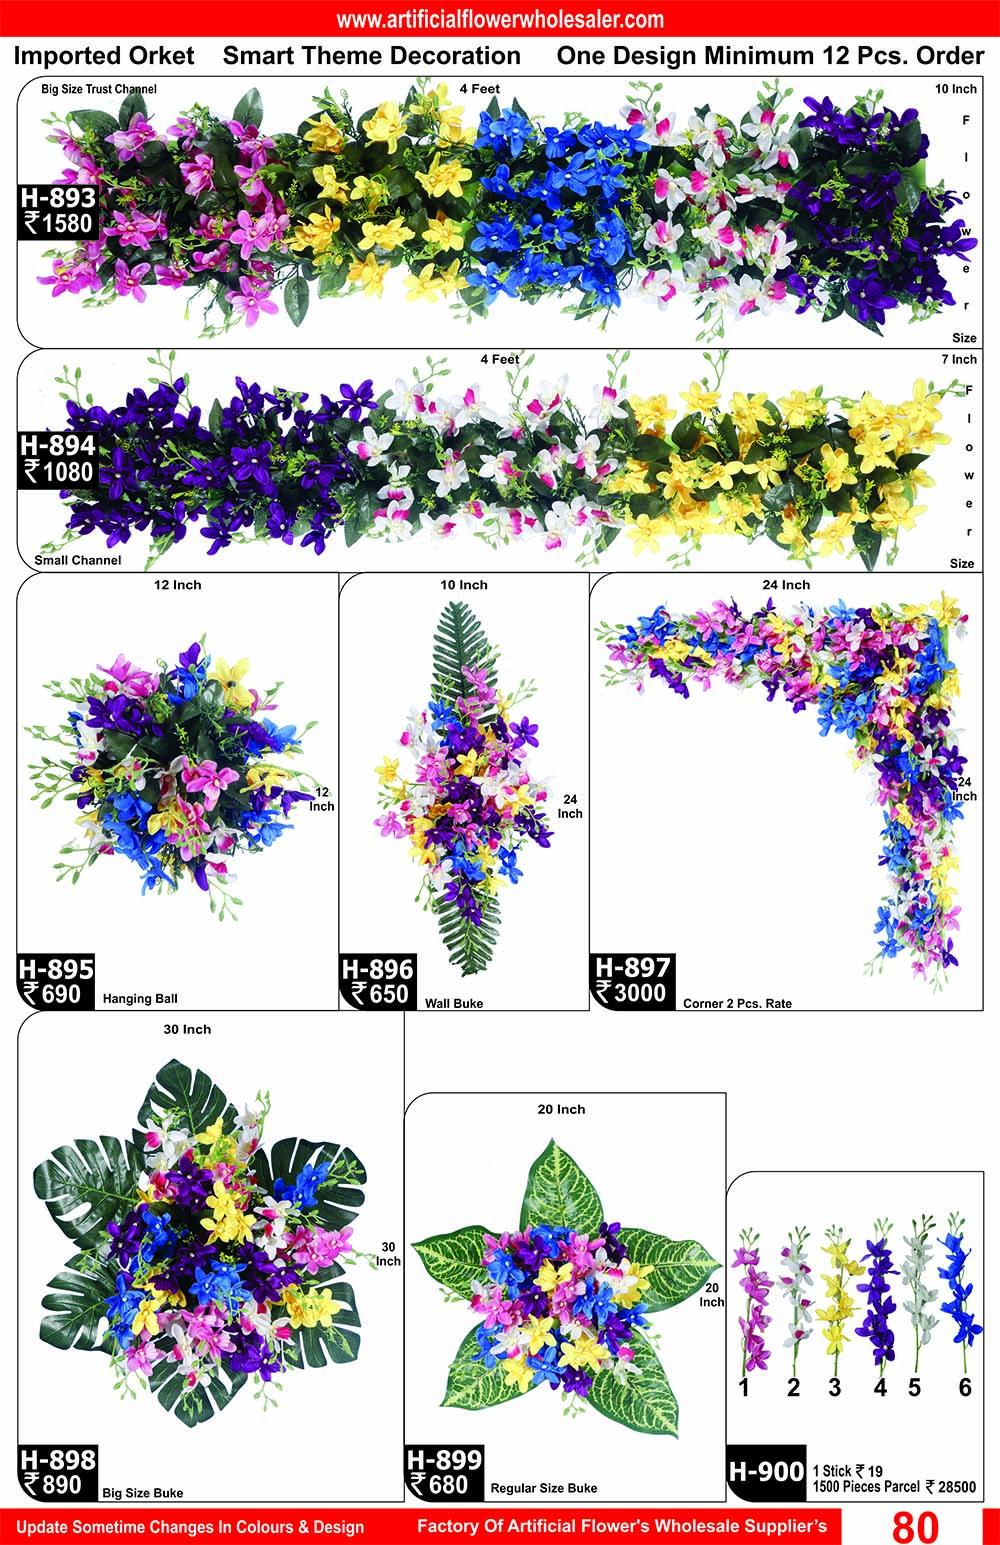 80-artificial-flower-wholesaler